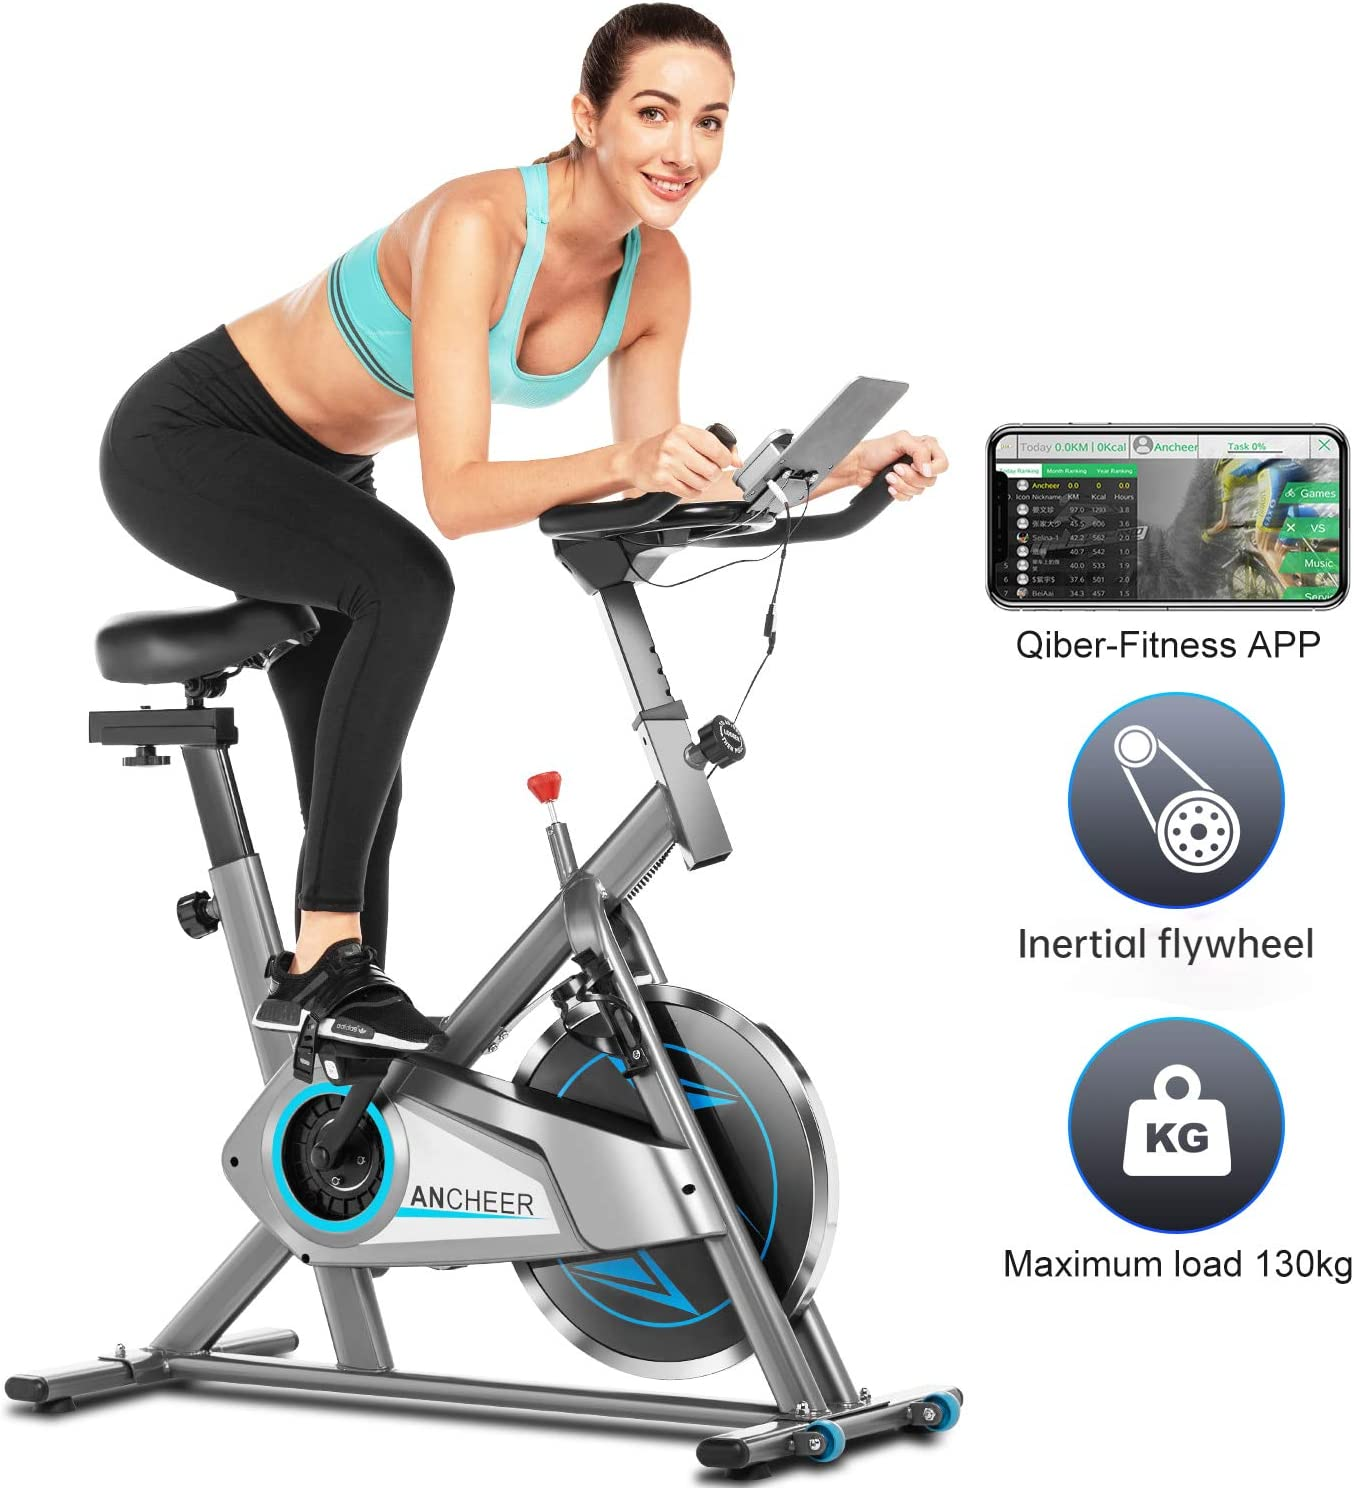 Ancheer Bicicleta Estática de Spinning Bicicleta Interior Volante 10kg, Pantalla LCD, Sillín Ajustable, Máximo Usuario130 kg (Plateado): Amazon.es: Deportes y aire libre